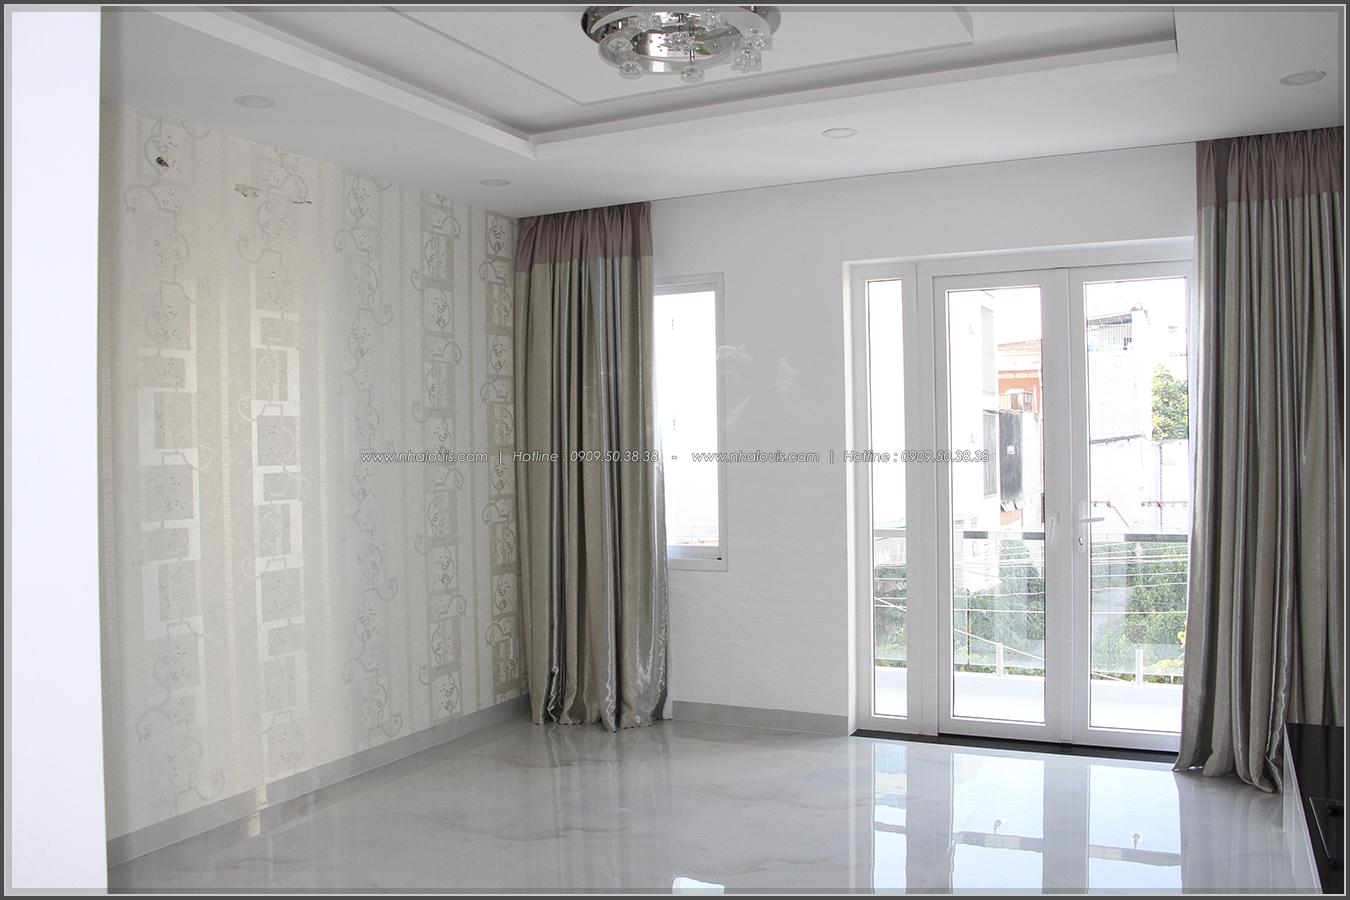 Thi công xây dựng nhà phố phong cách hiện đại cao 3 tầng tại Tân Phú - 09